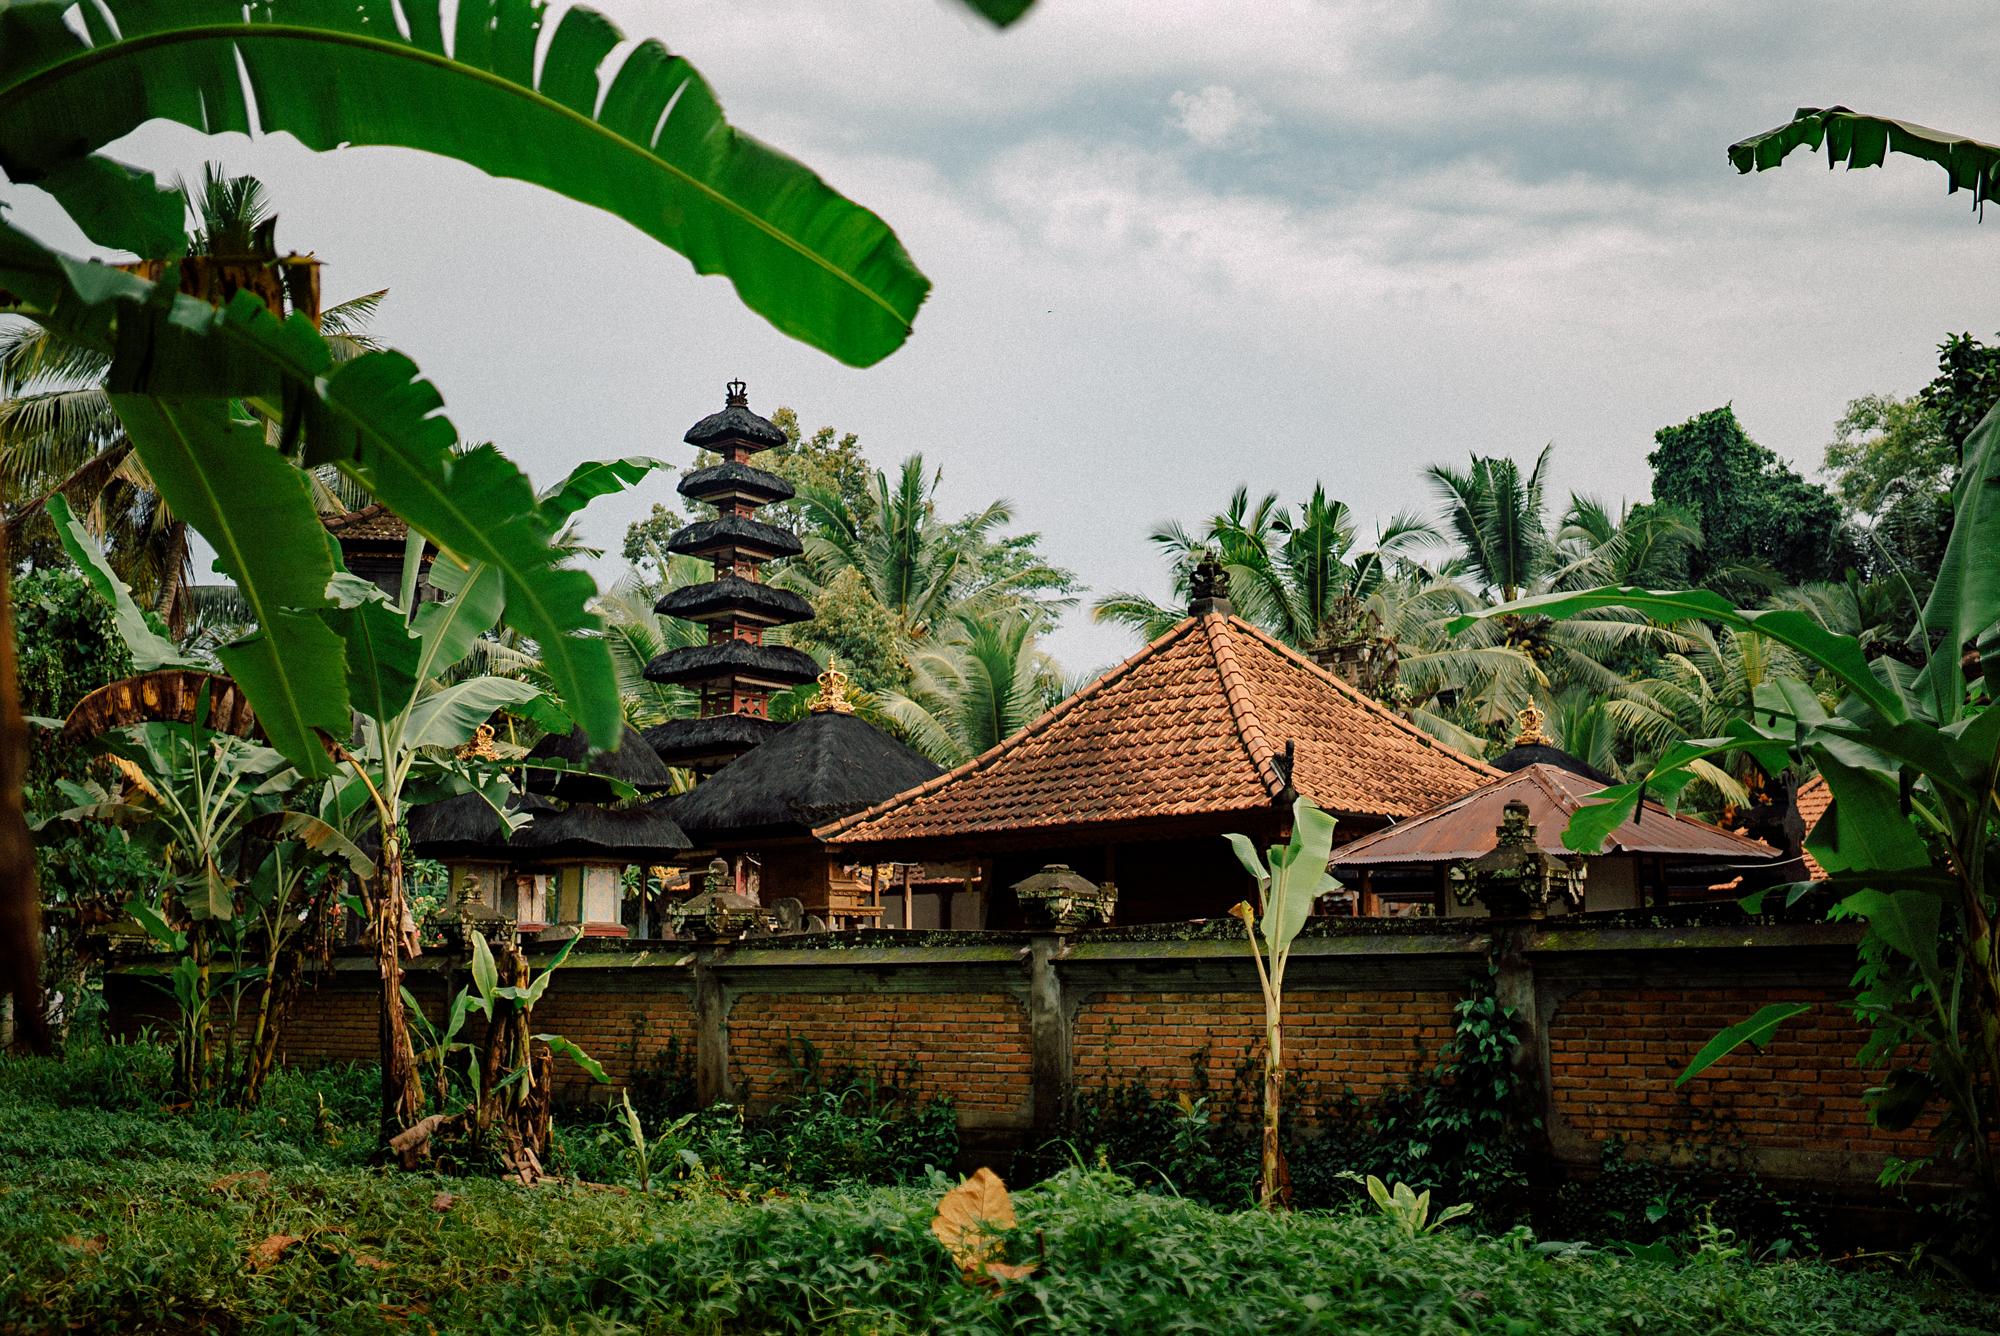 Bali-Travel-Web-39.jpg